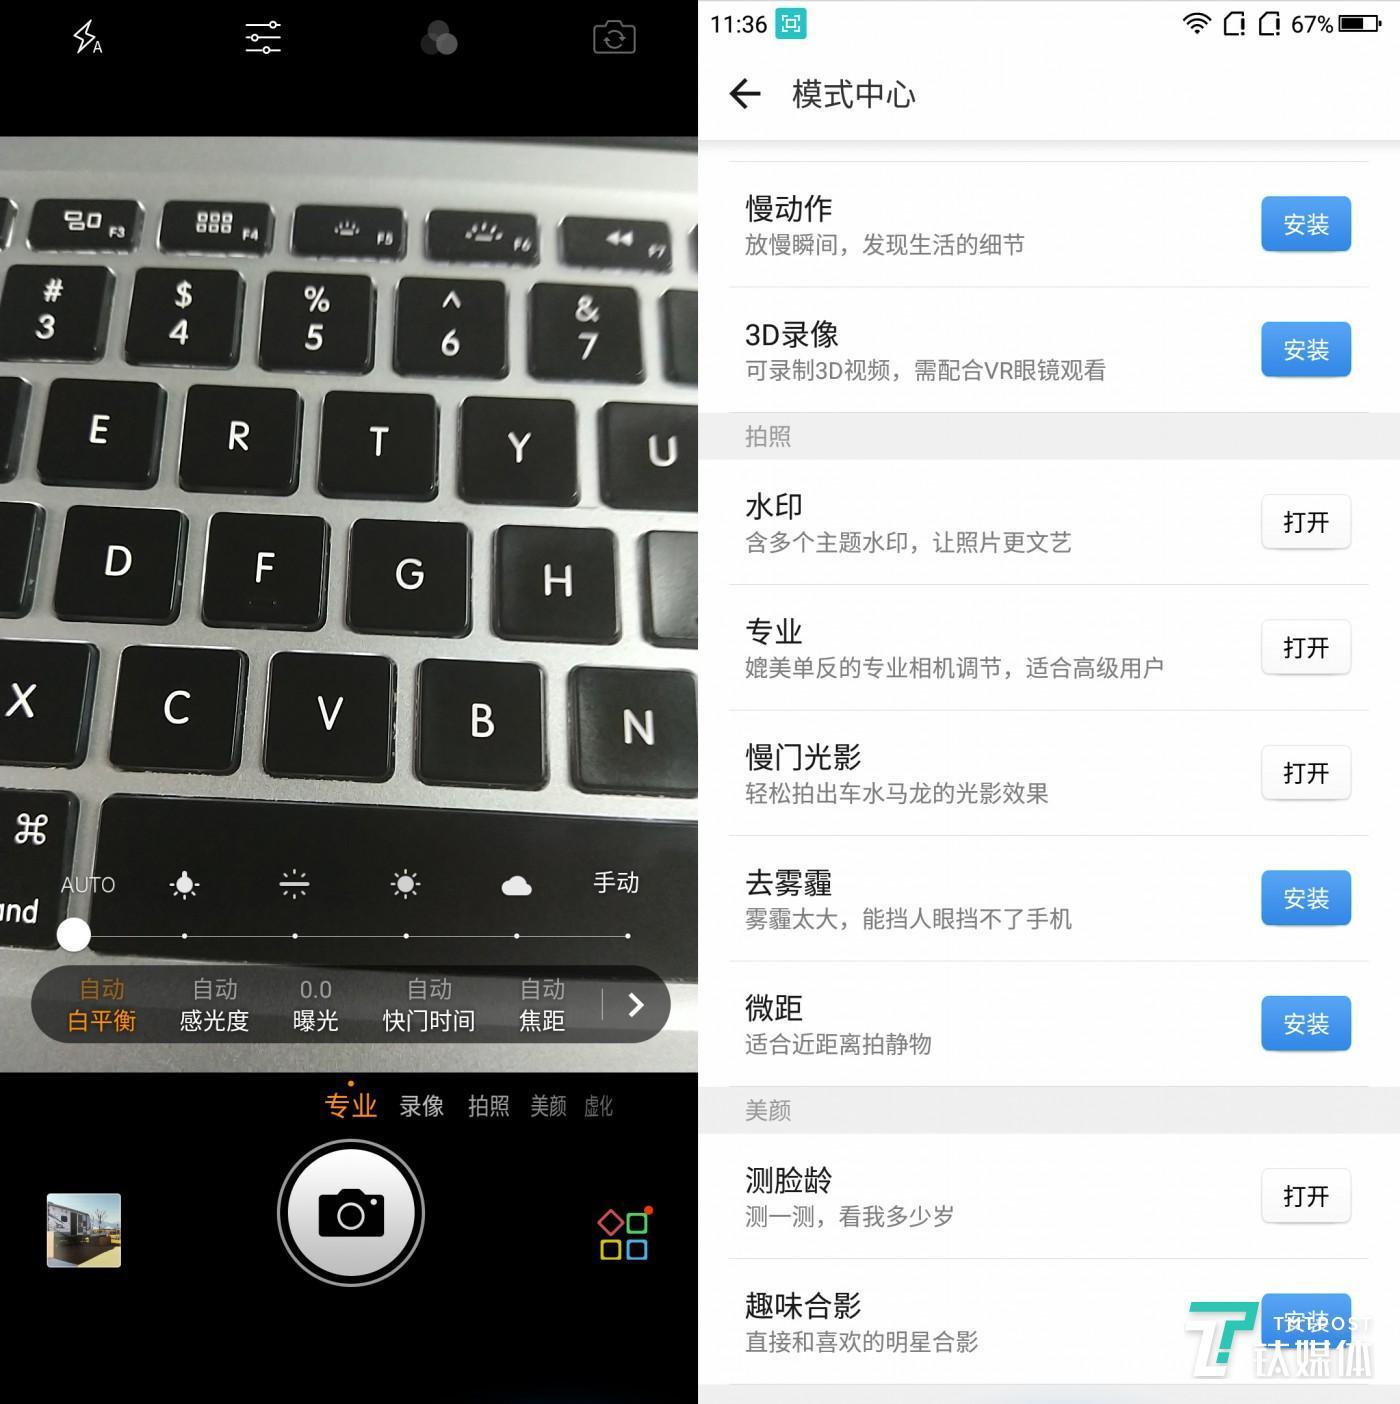 N7手机拍照界面&丰富模式